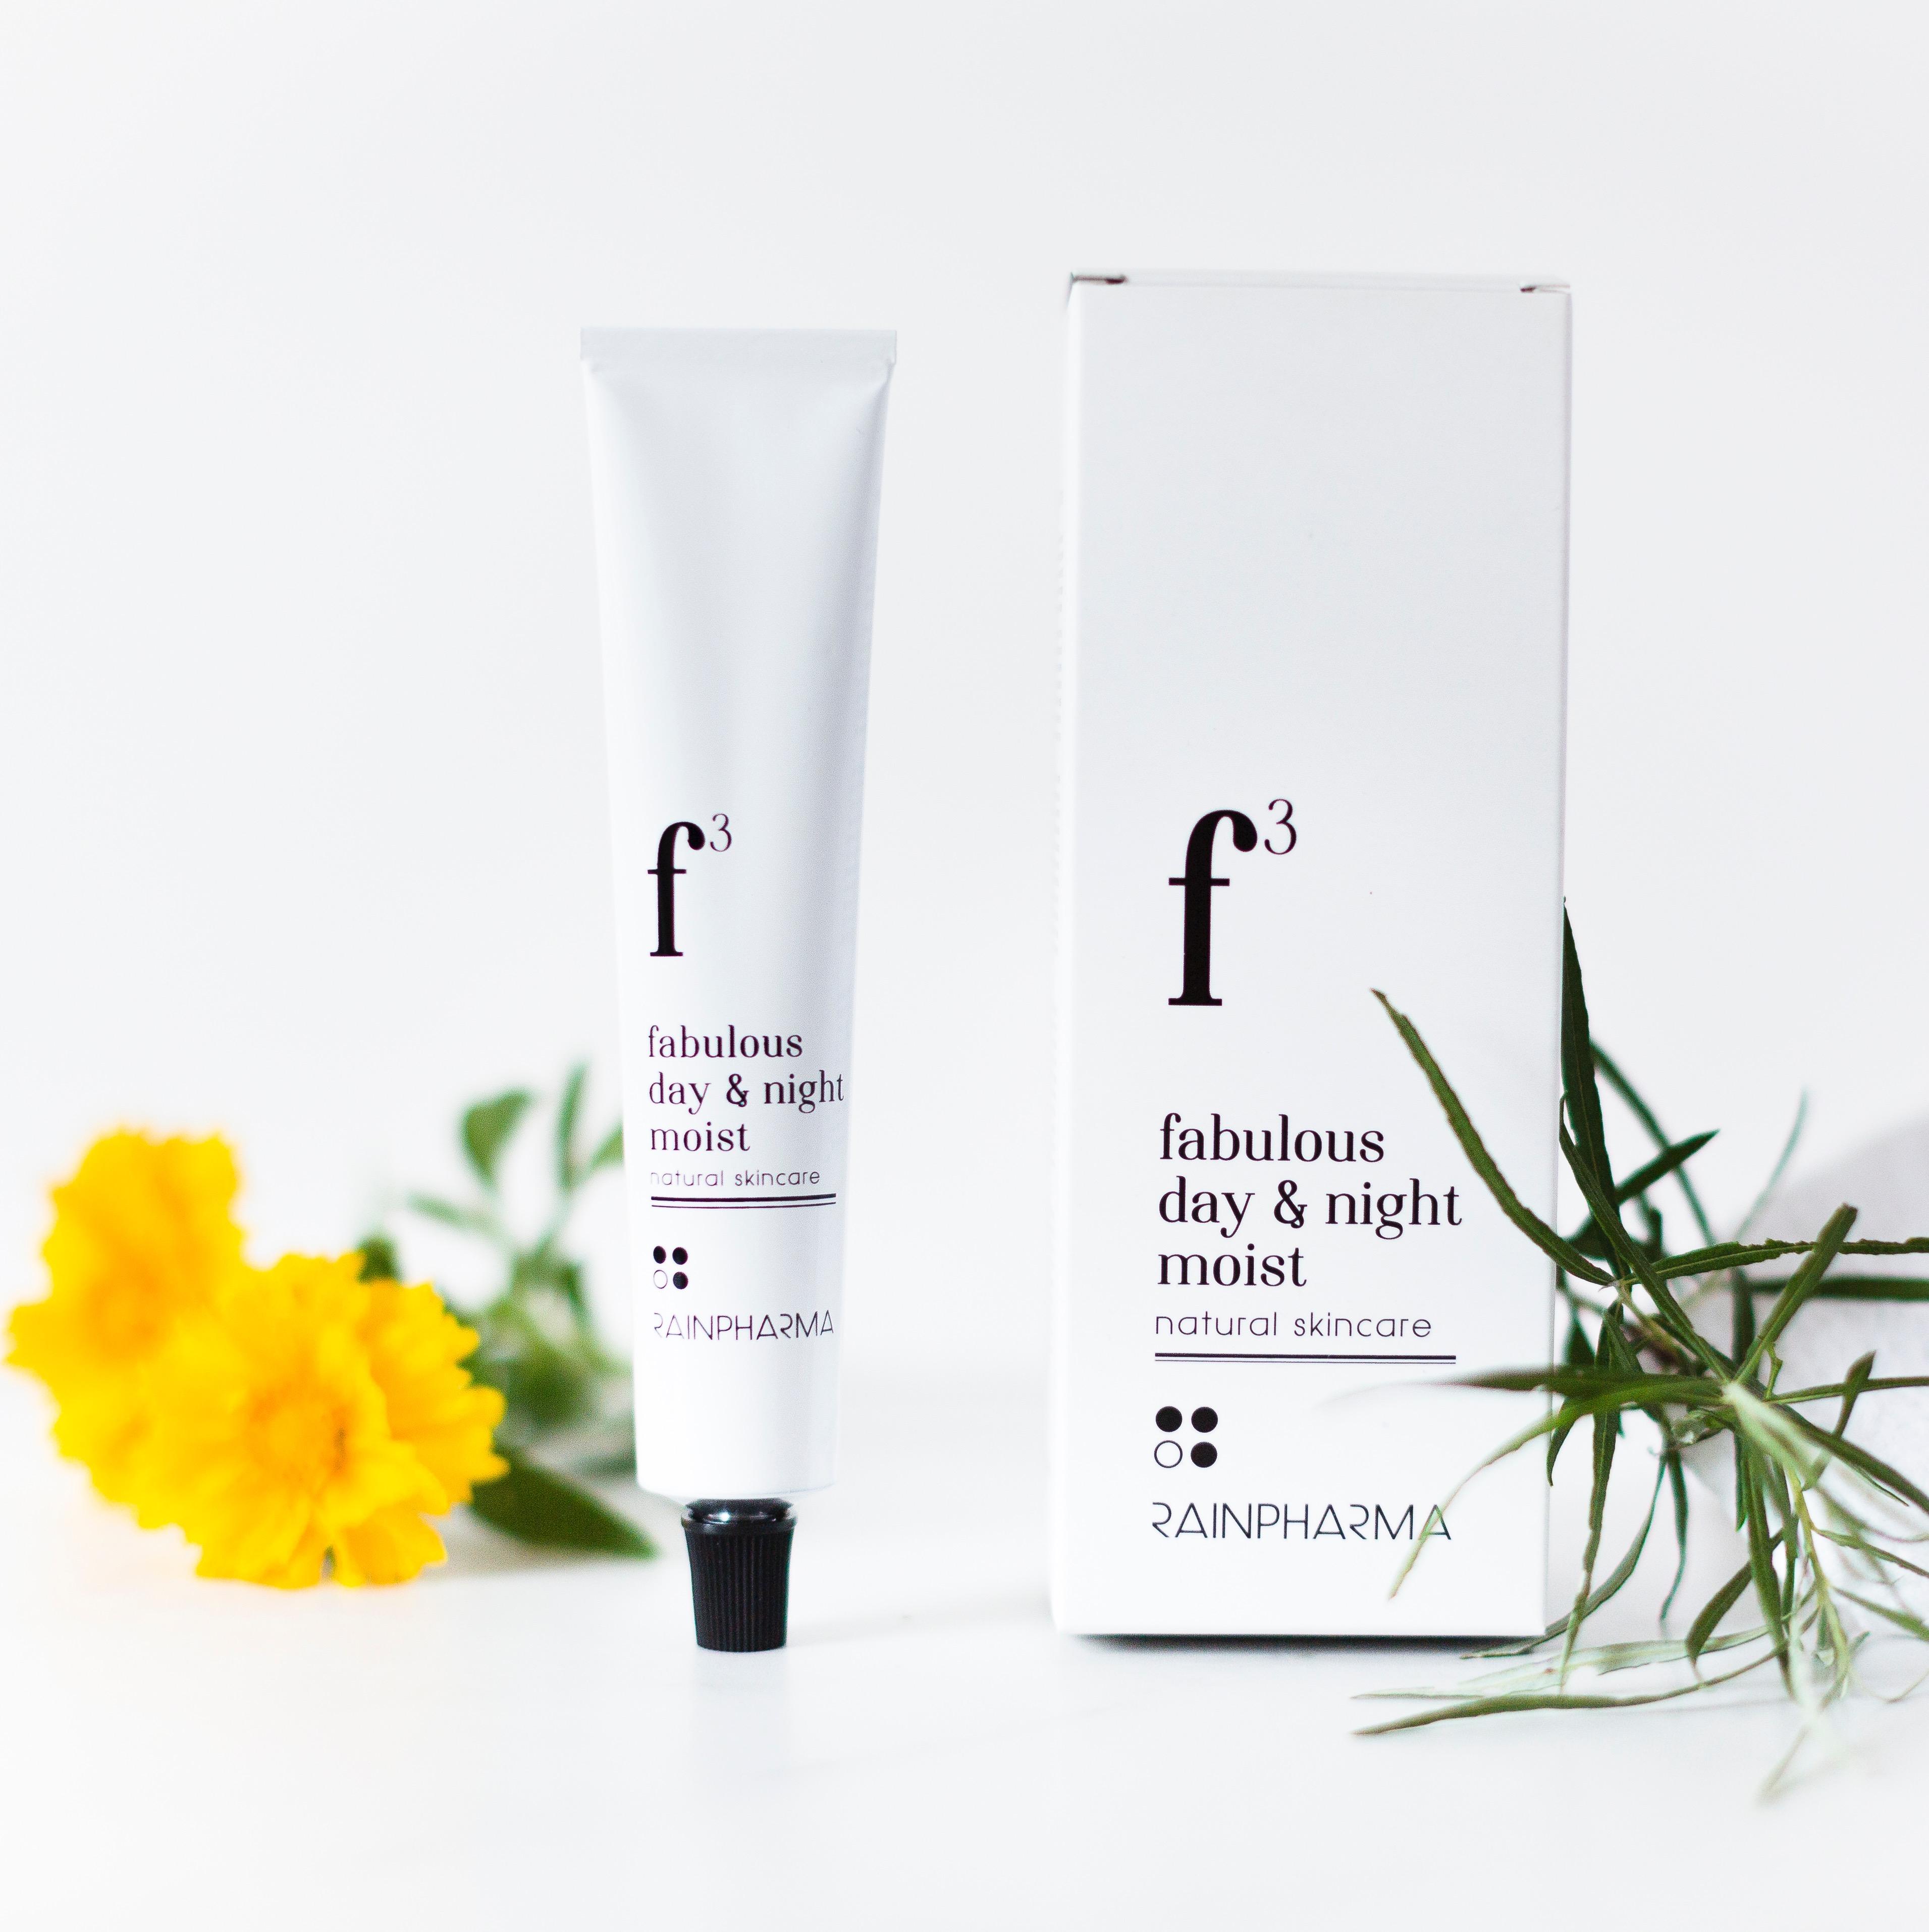 f3-fabulous-day-night-moist